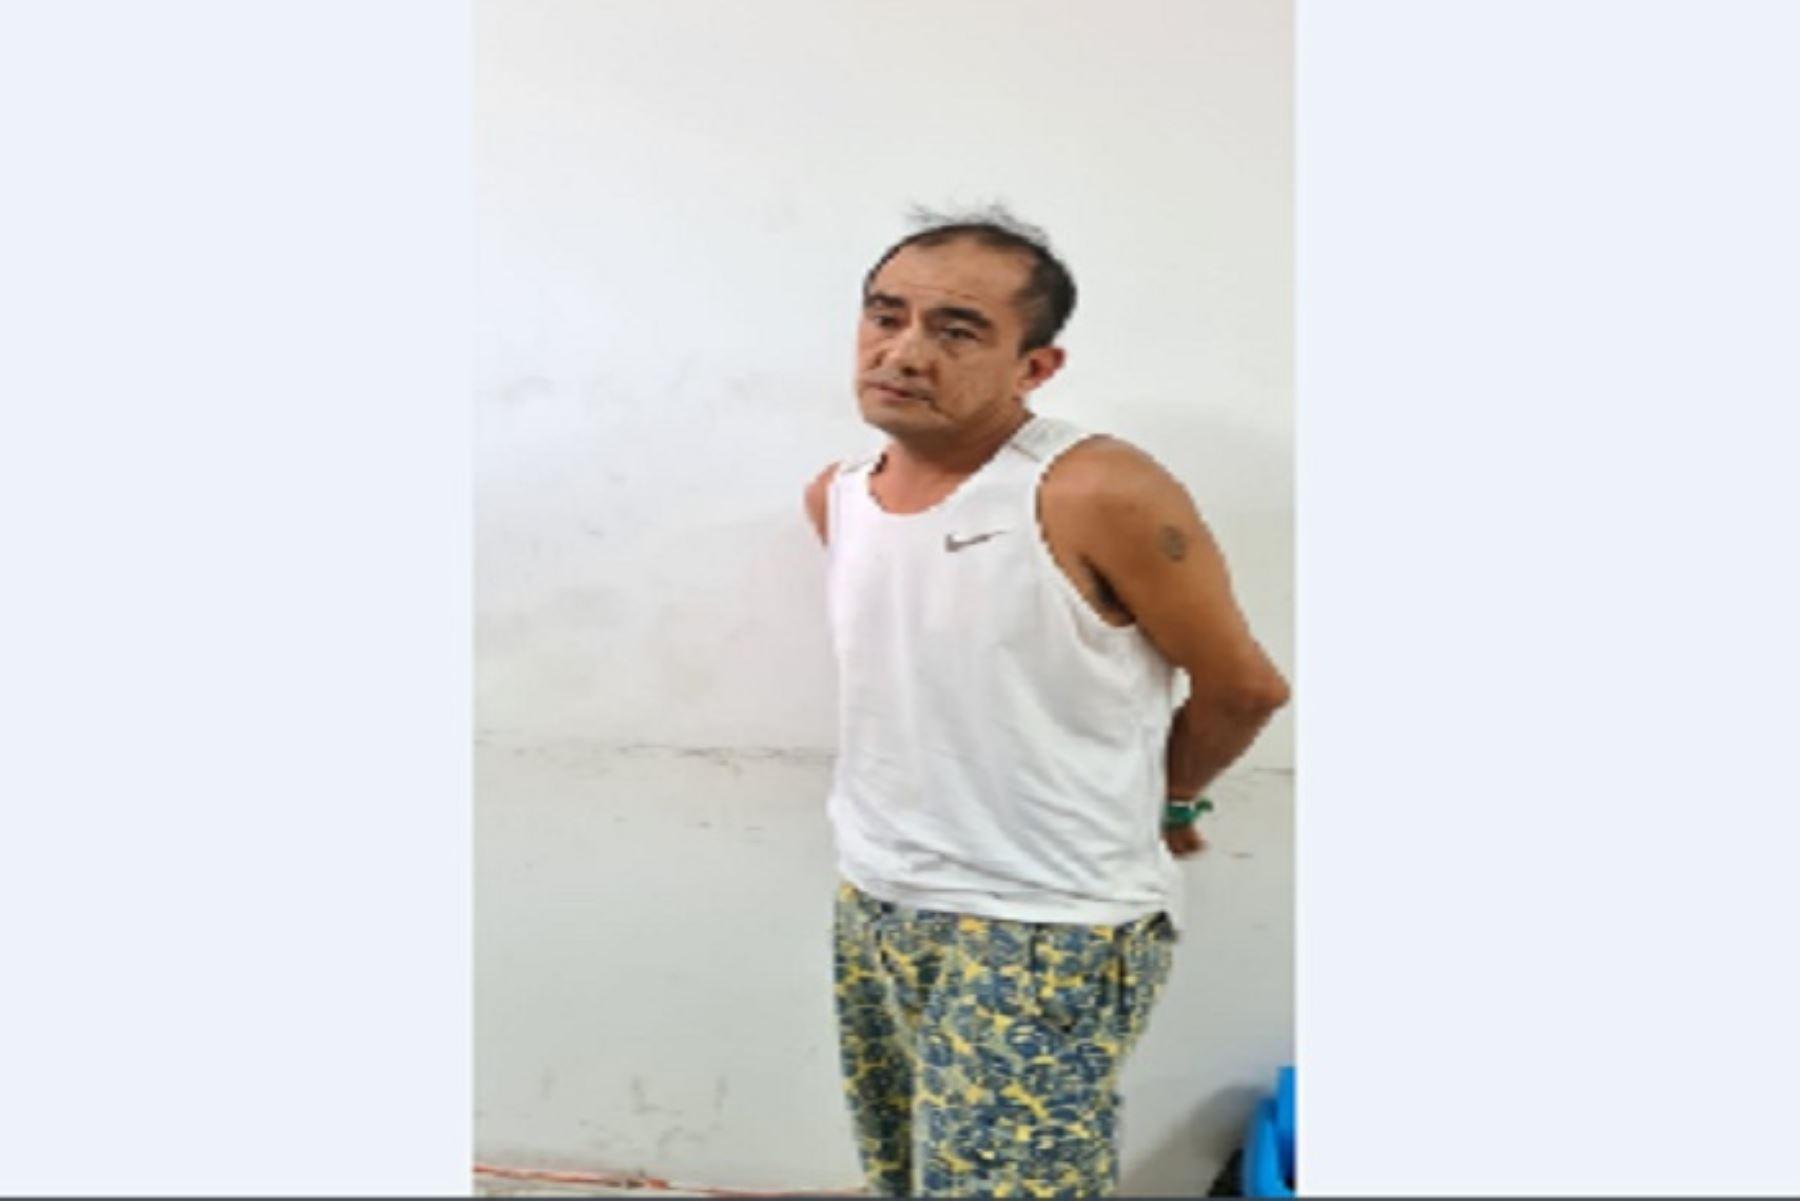 la-libertad-policia-captura-a-cara-cortada-presunto-asesino-de-venezolano-en-trujillo